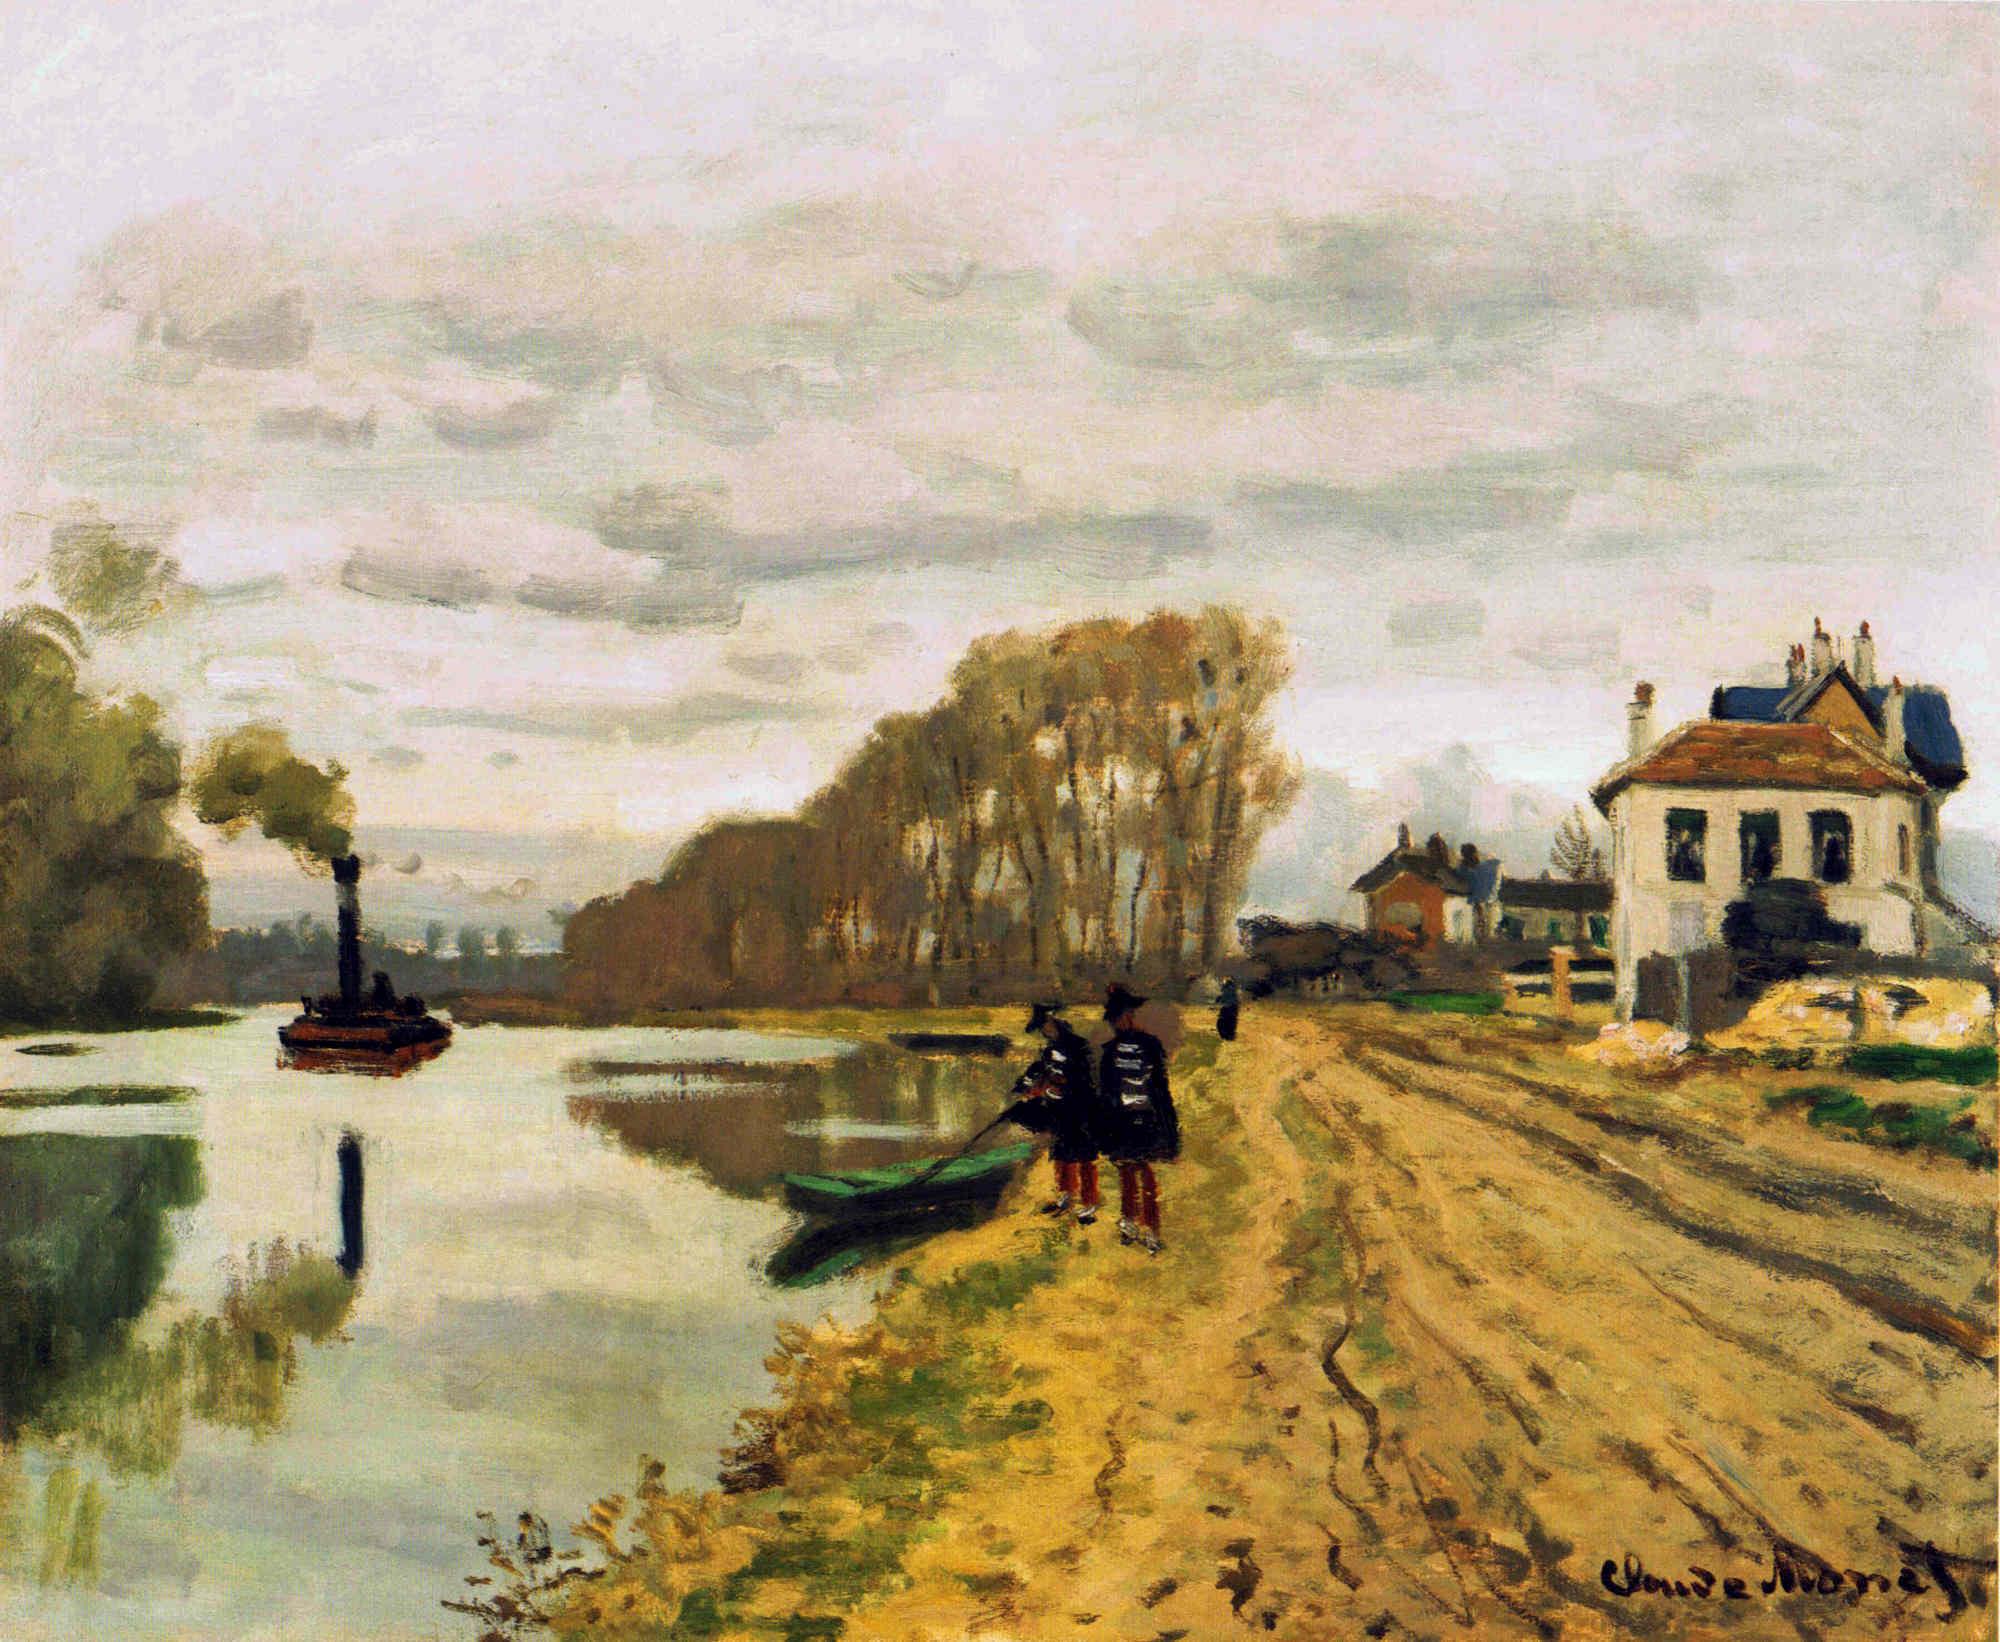 речной пейзаж < Пешие караульные, бродящие вдоль реки  >:: Клод Моне, описание картины - Моне Клод (Claude Monet) фото